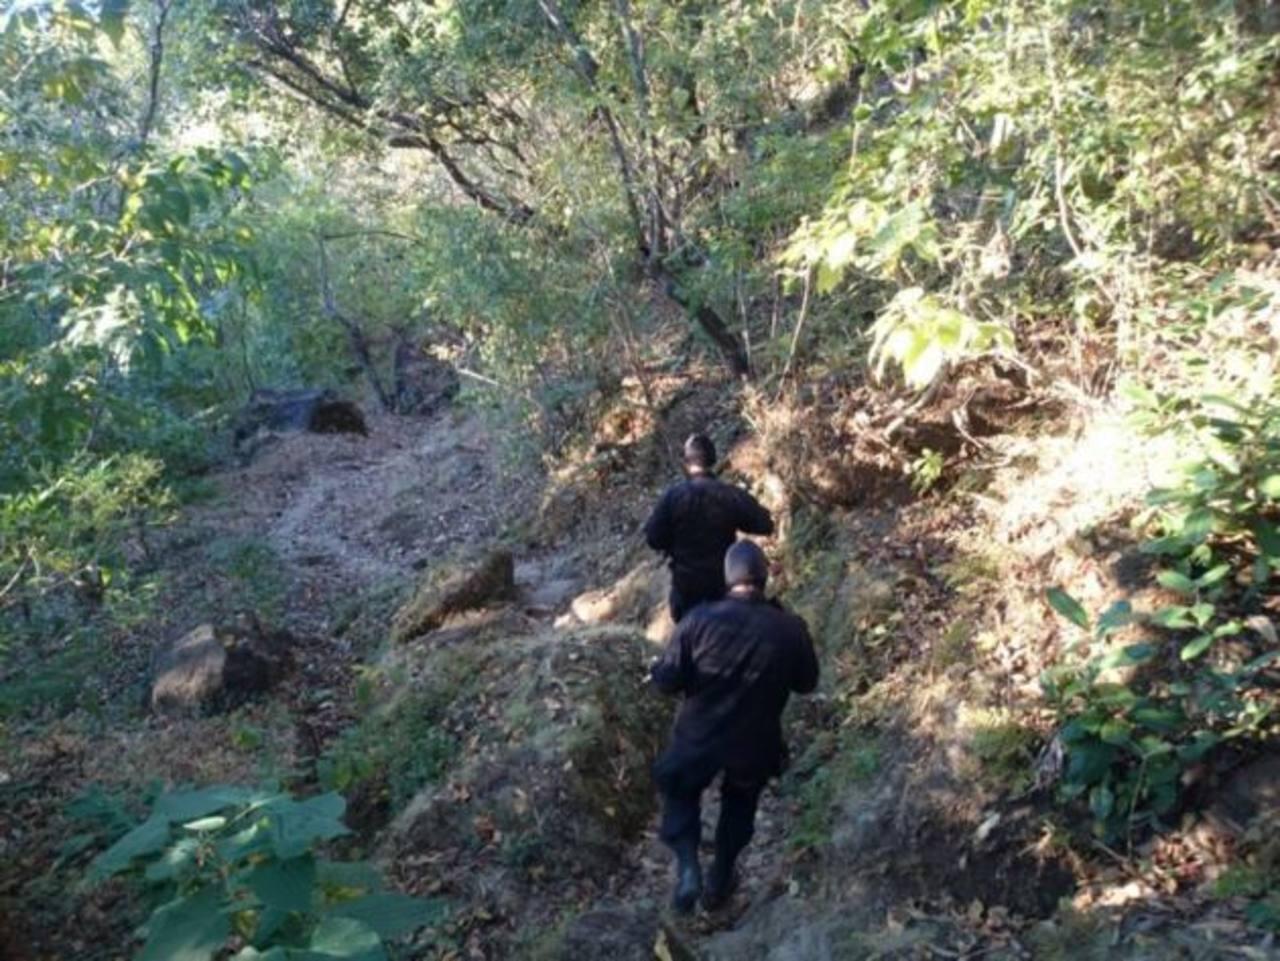 Matan a cinco miembros de una familia en Ahuachapán